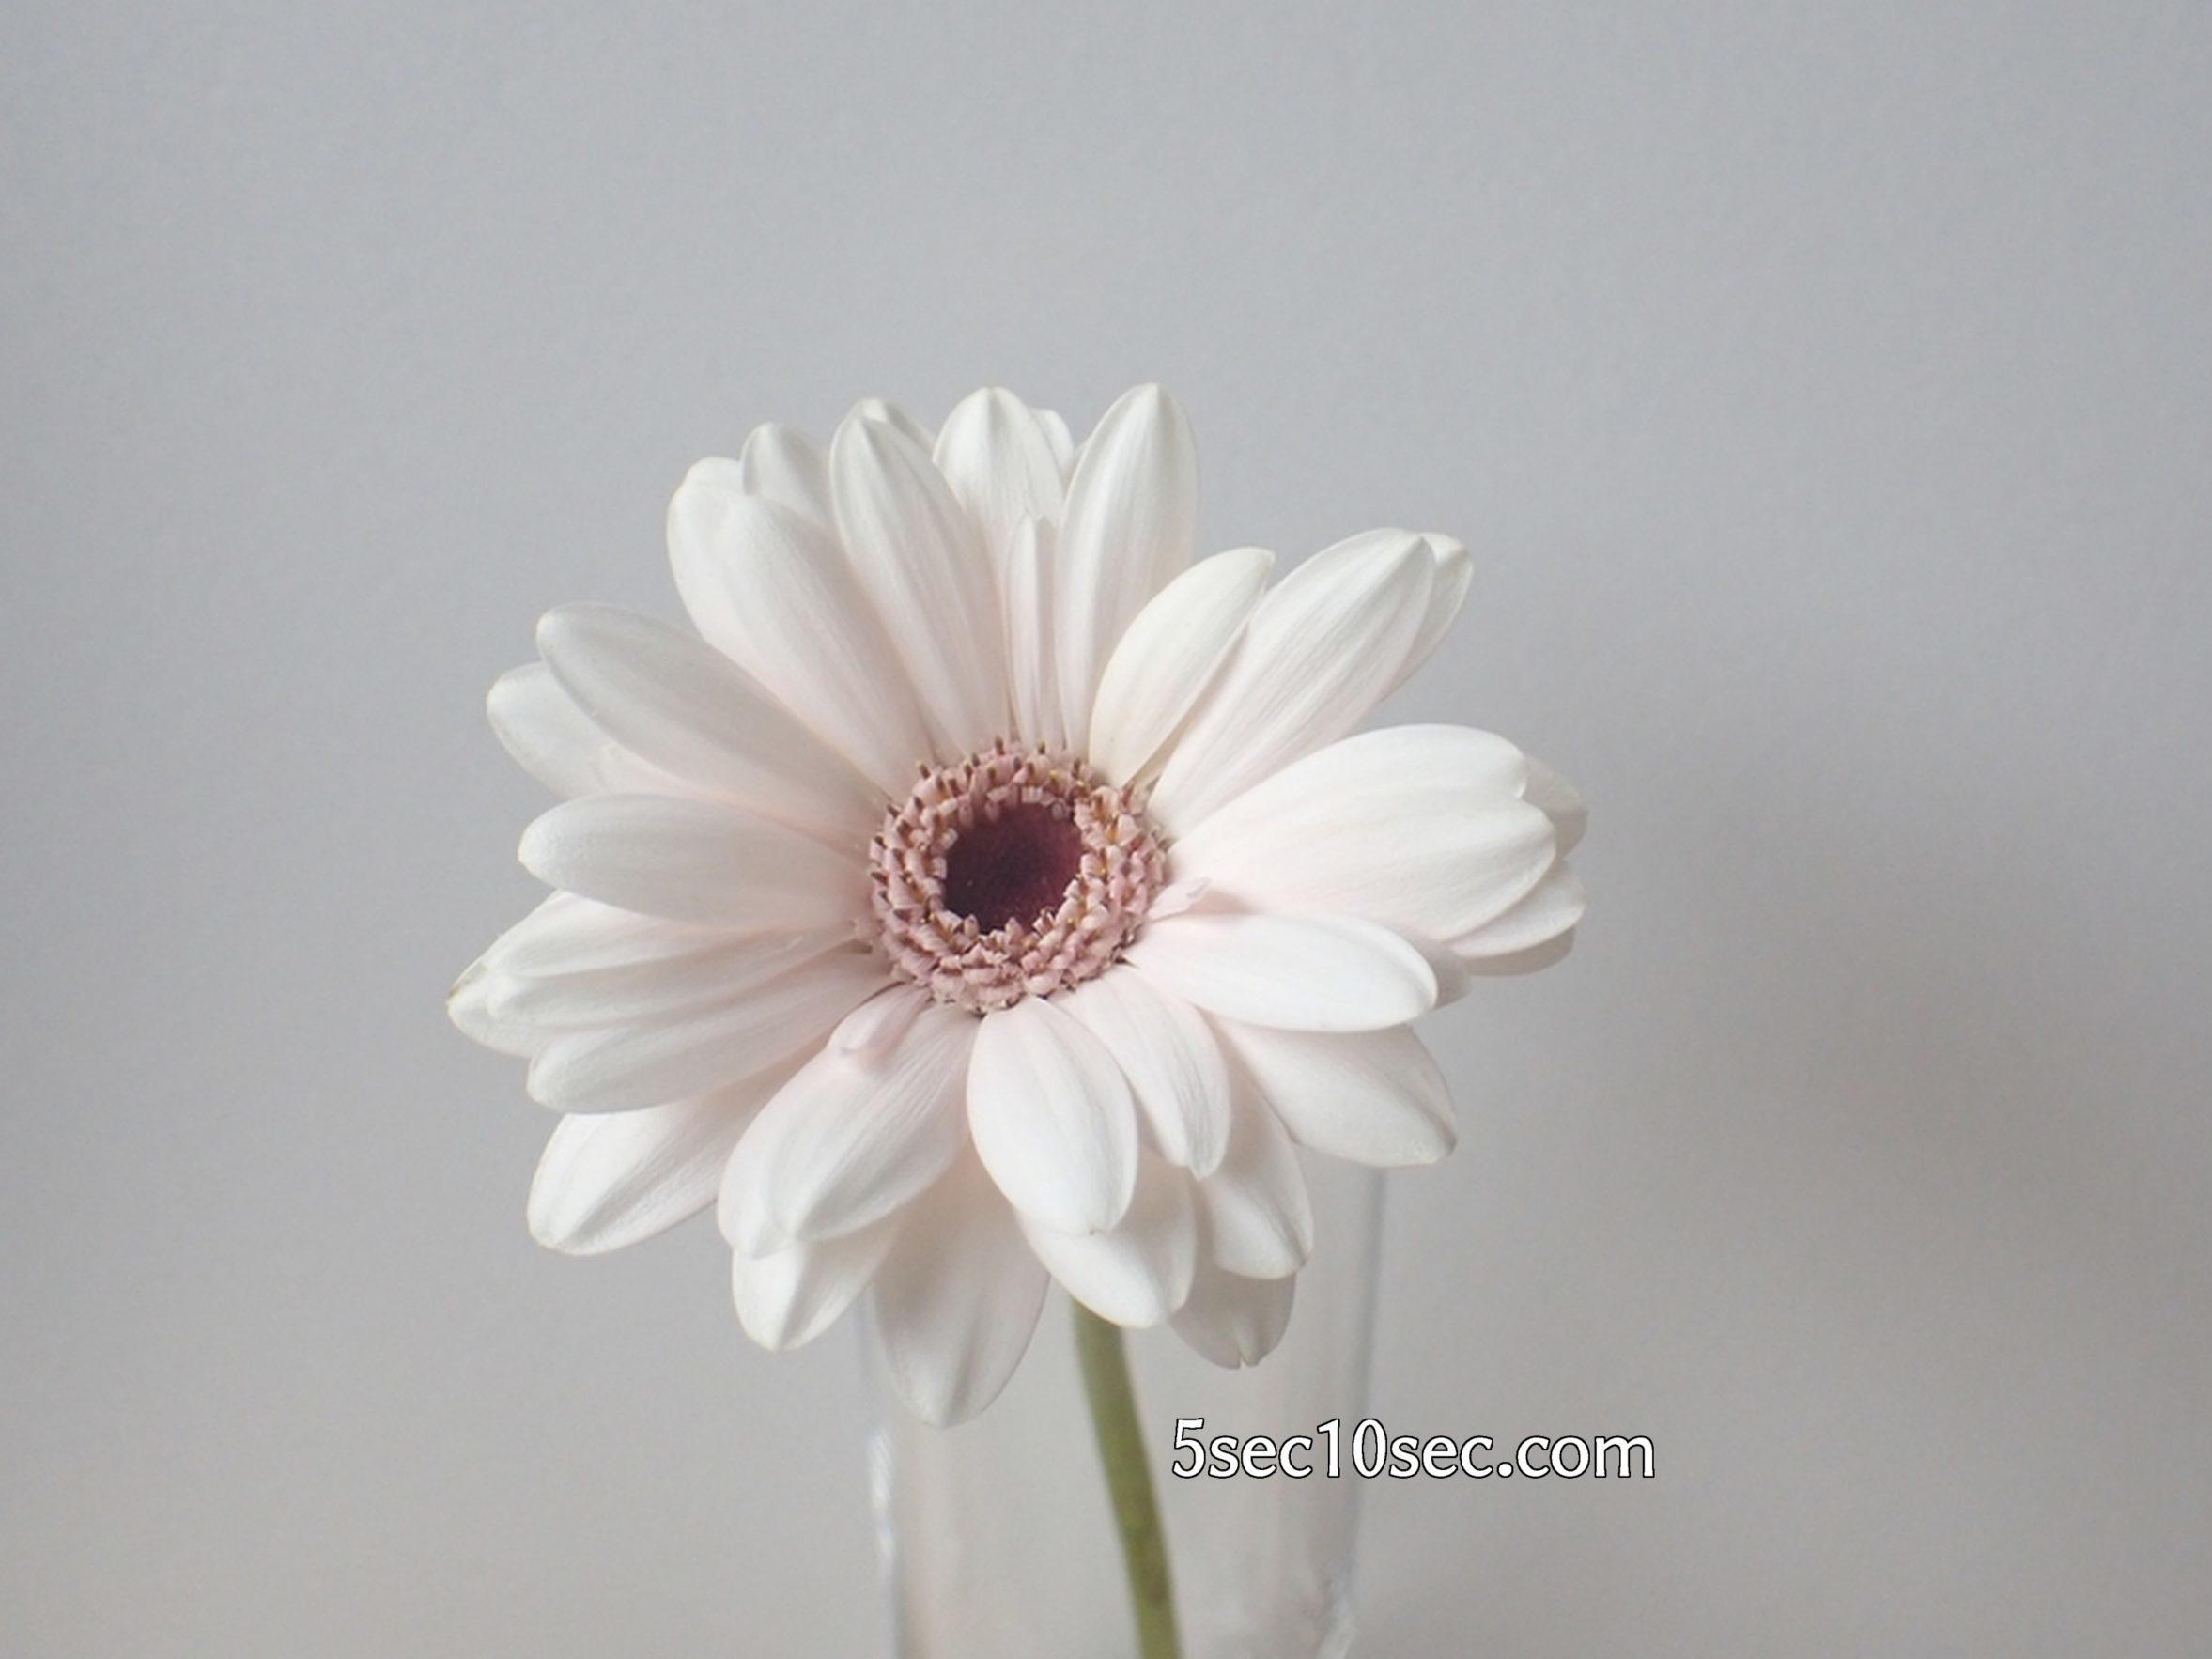 株式会社Crunch Style お花の定期便 Bloomee LIFE ブルーミーライフ レギュラープラン ガーベラ ココット